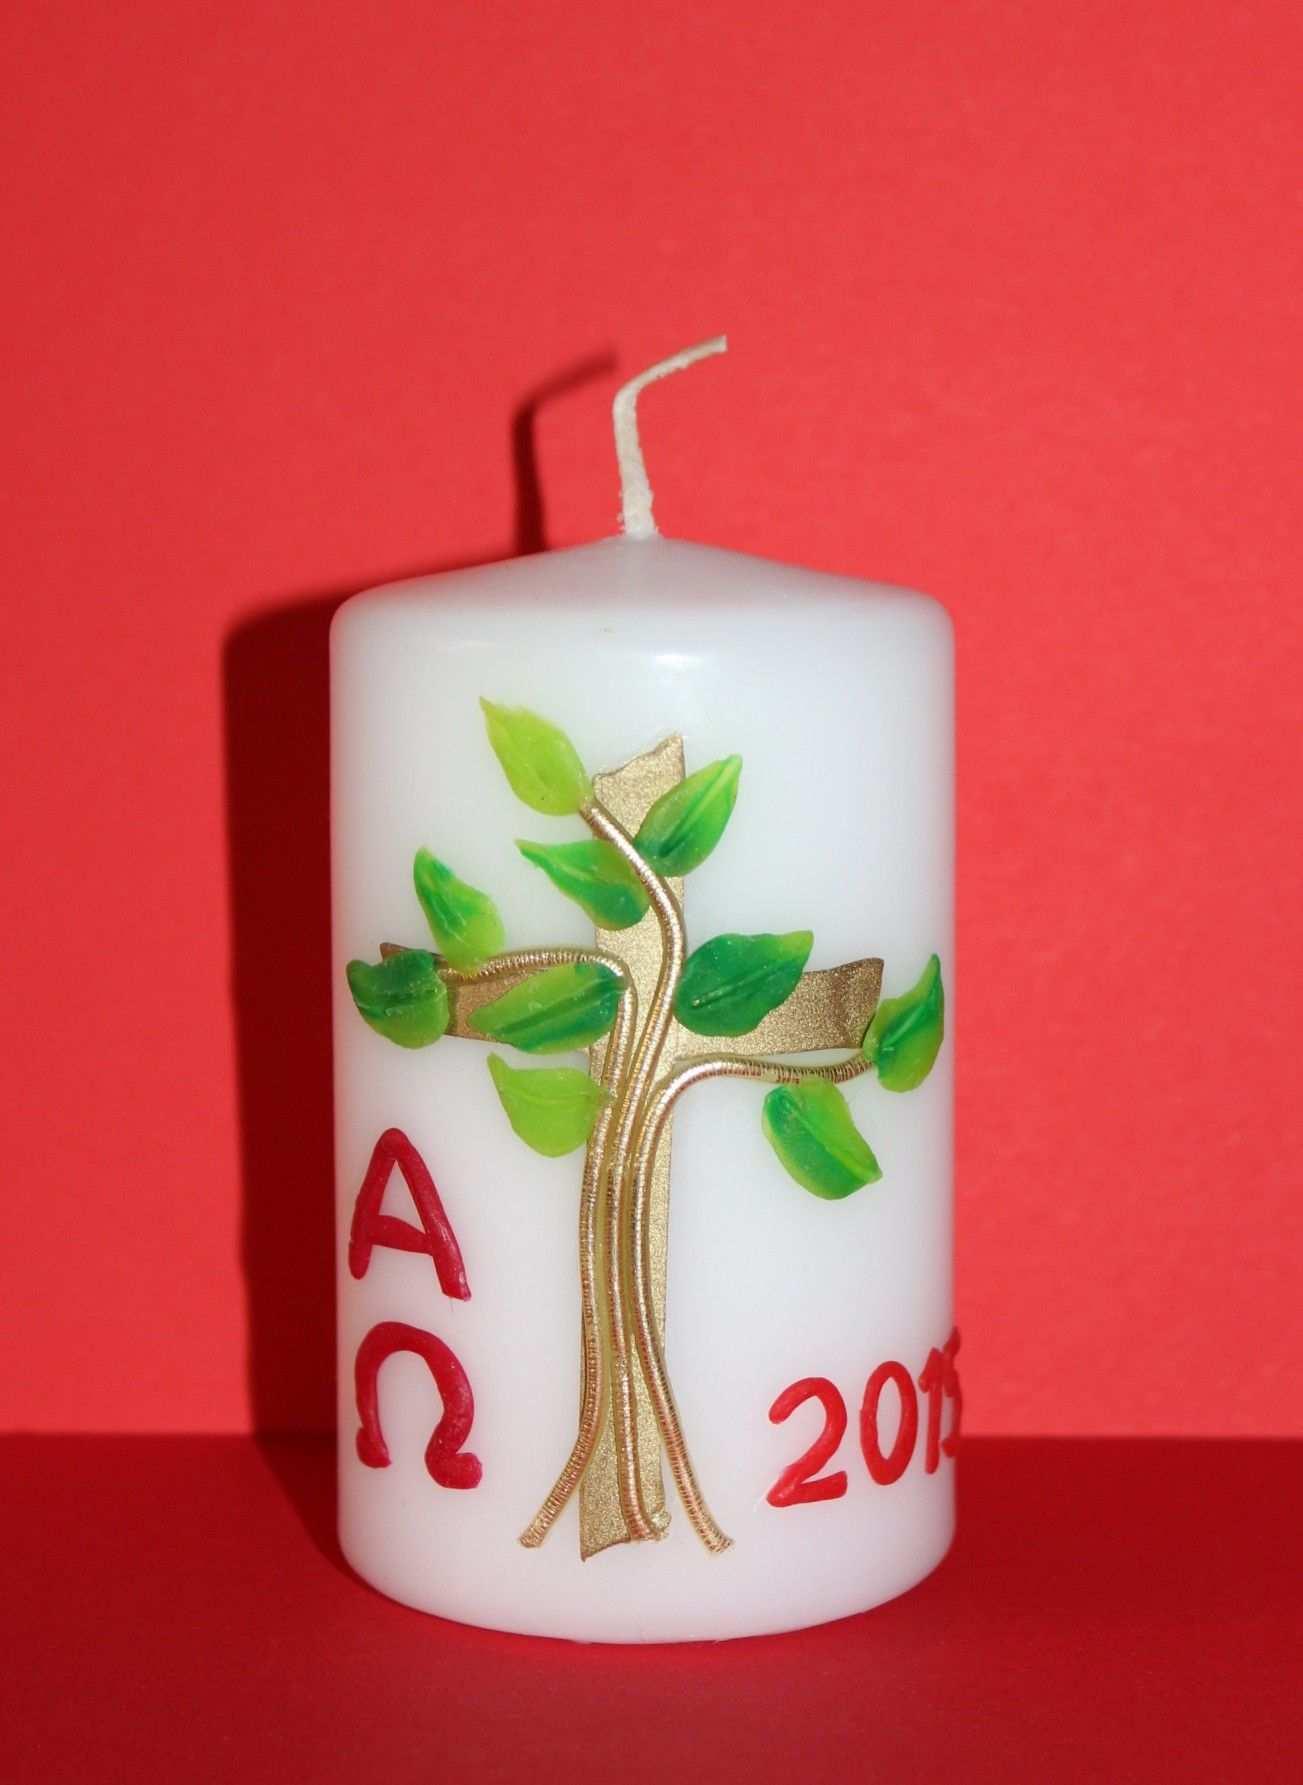 Osterkerze Baum Kerzen Verzieren Kerzen Basteln Kerzen Gestalten